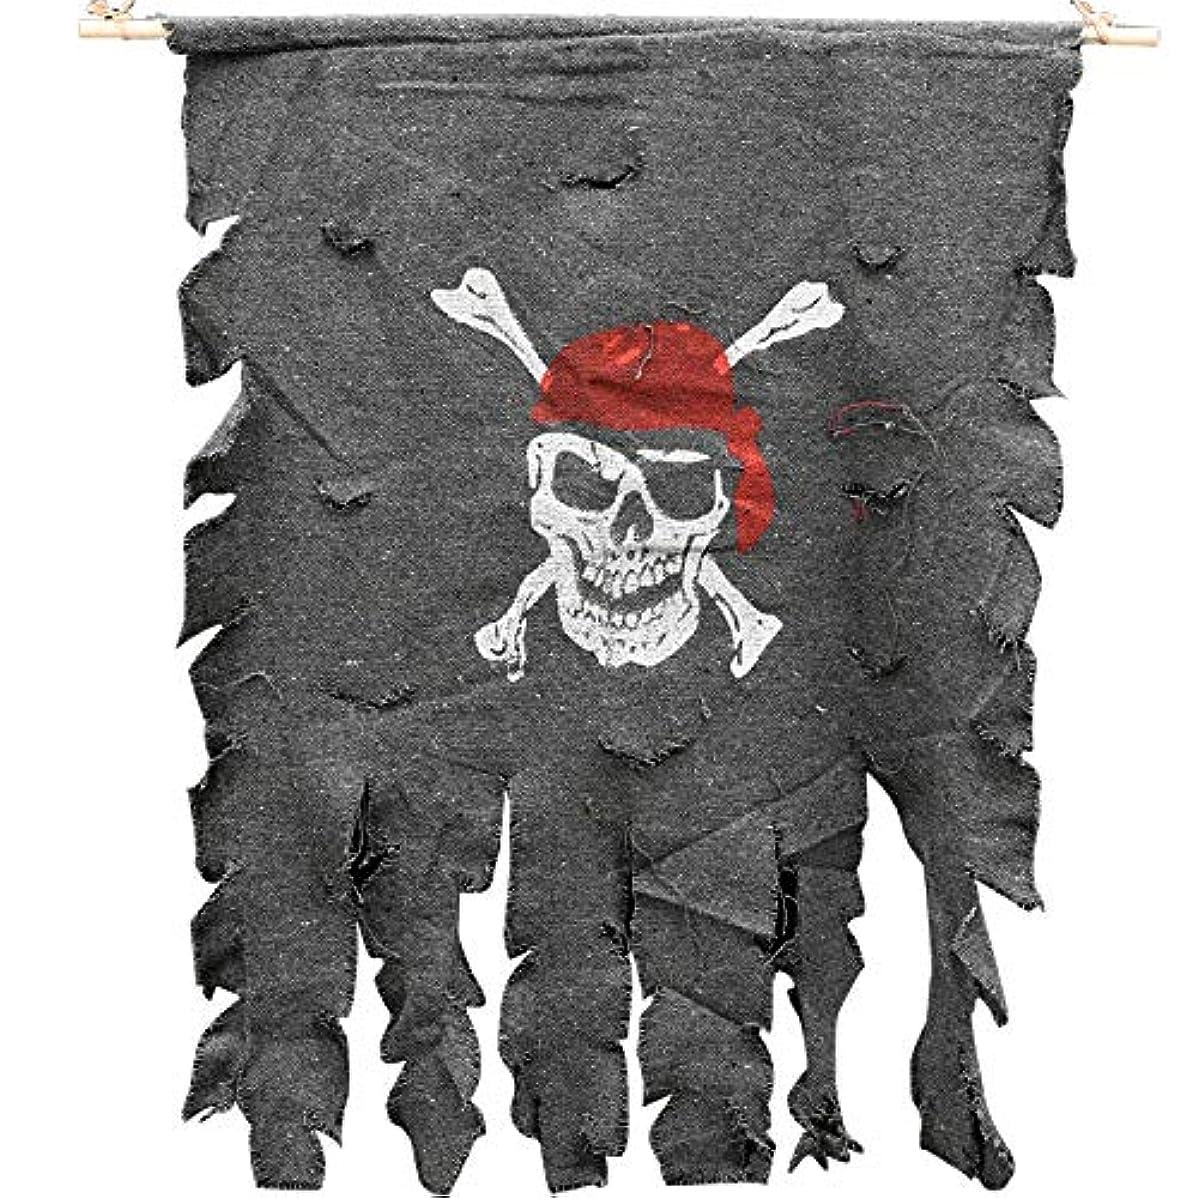 歴史浅いフックETRRUU HOME ハロウィンジョリーロジャー大パーティーデコレーションKTV旗バナーぶら下げ旗アレンジメントの小道具